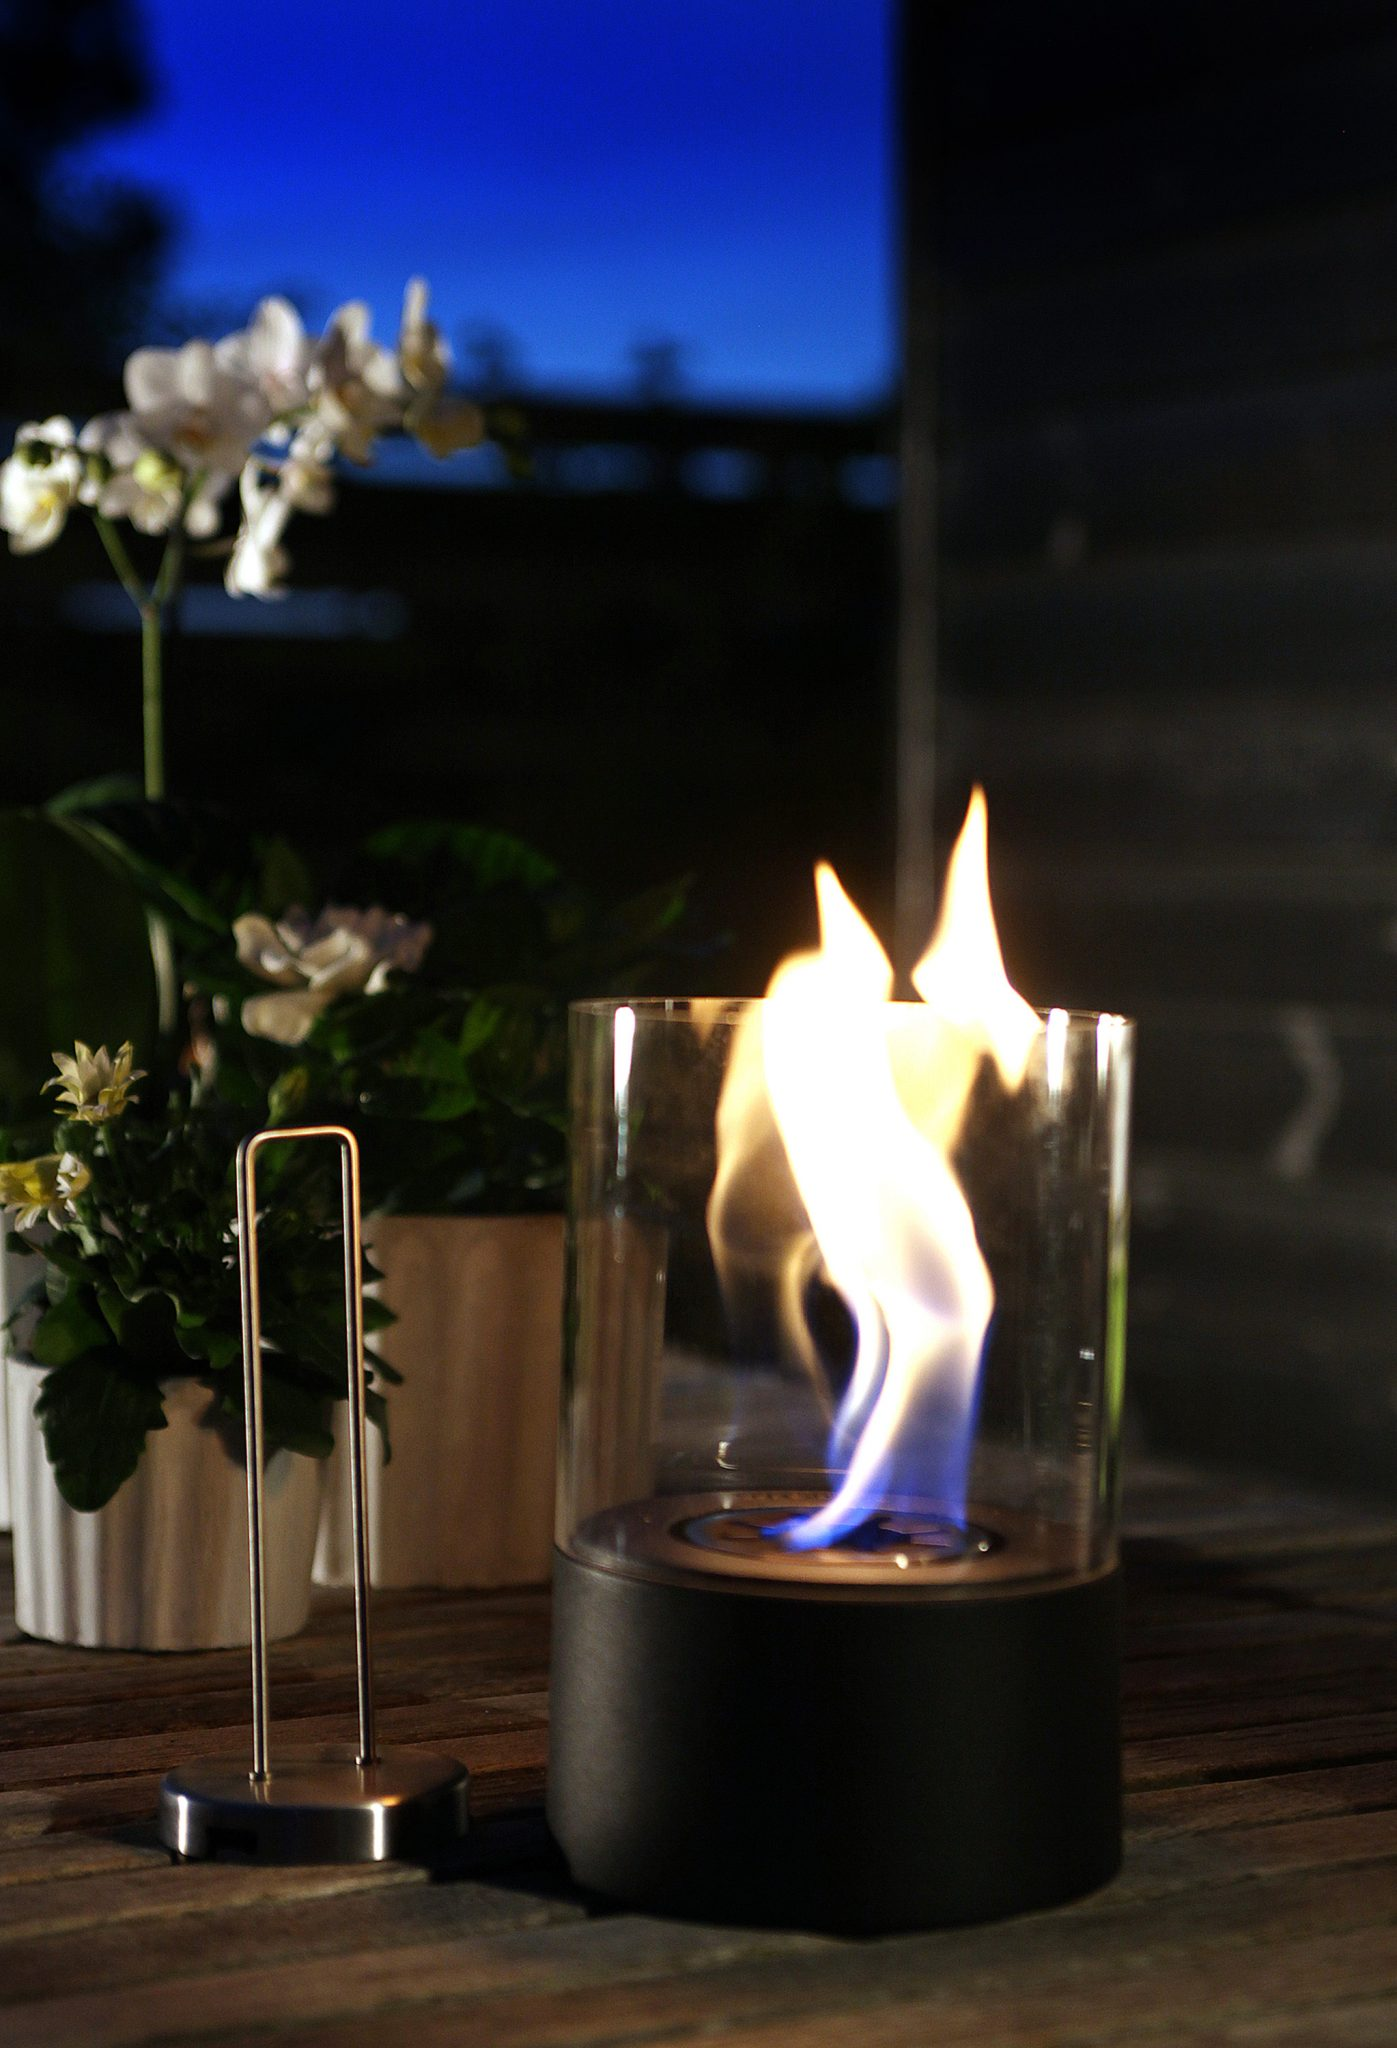 Morsø BEL bio-ethanol lamp